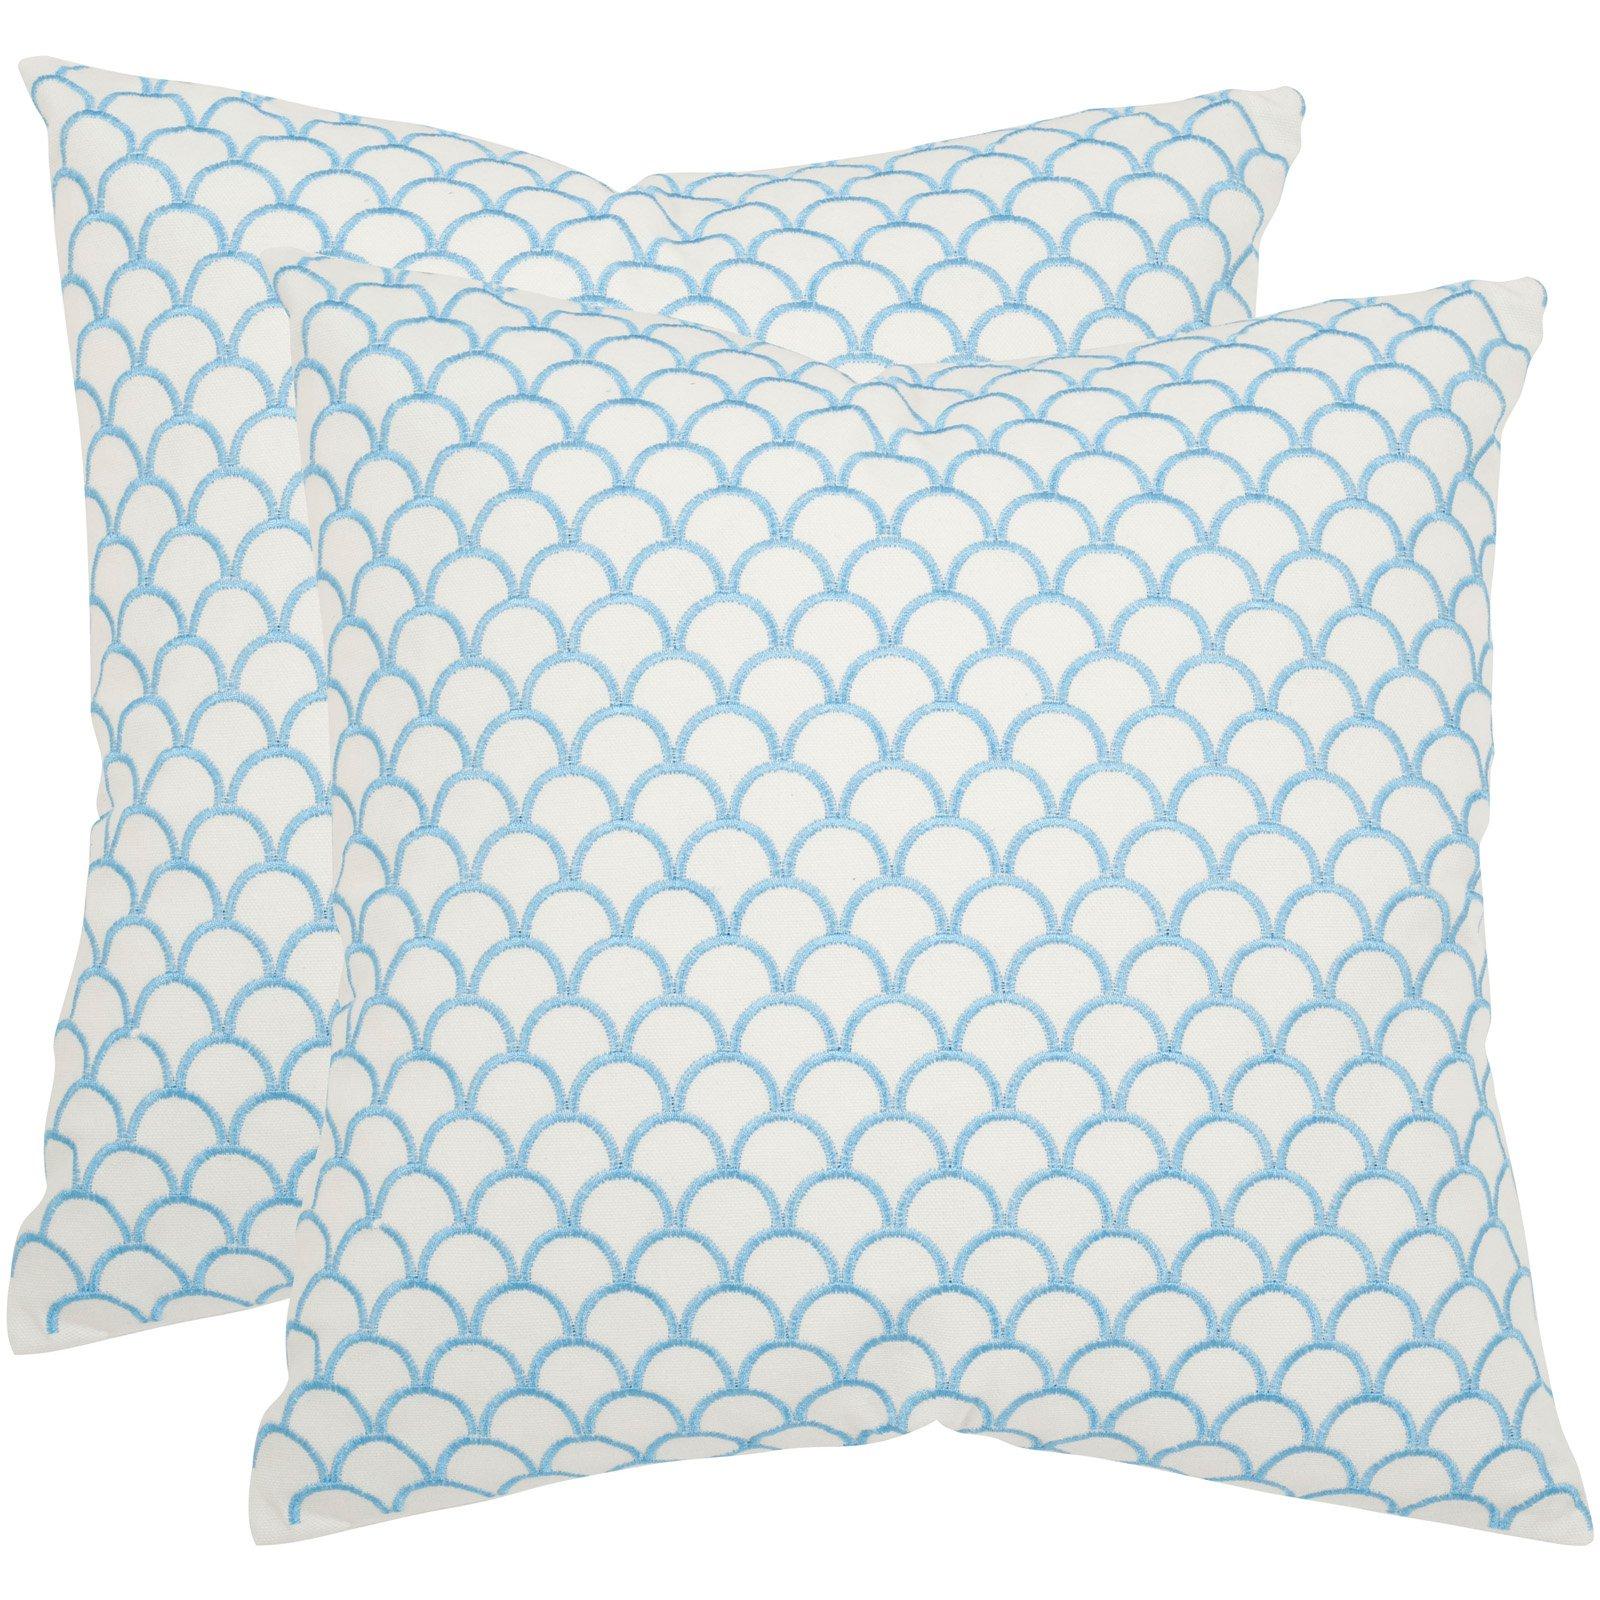 Safavieh Nikki Decorative Pillow - Set of 2